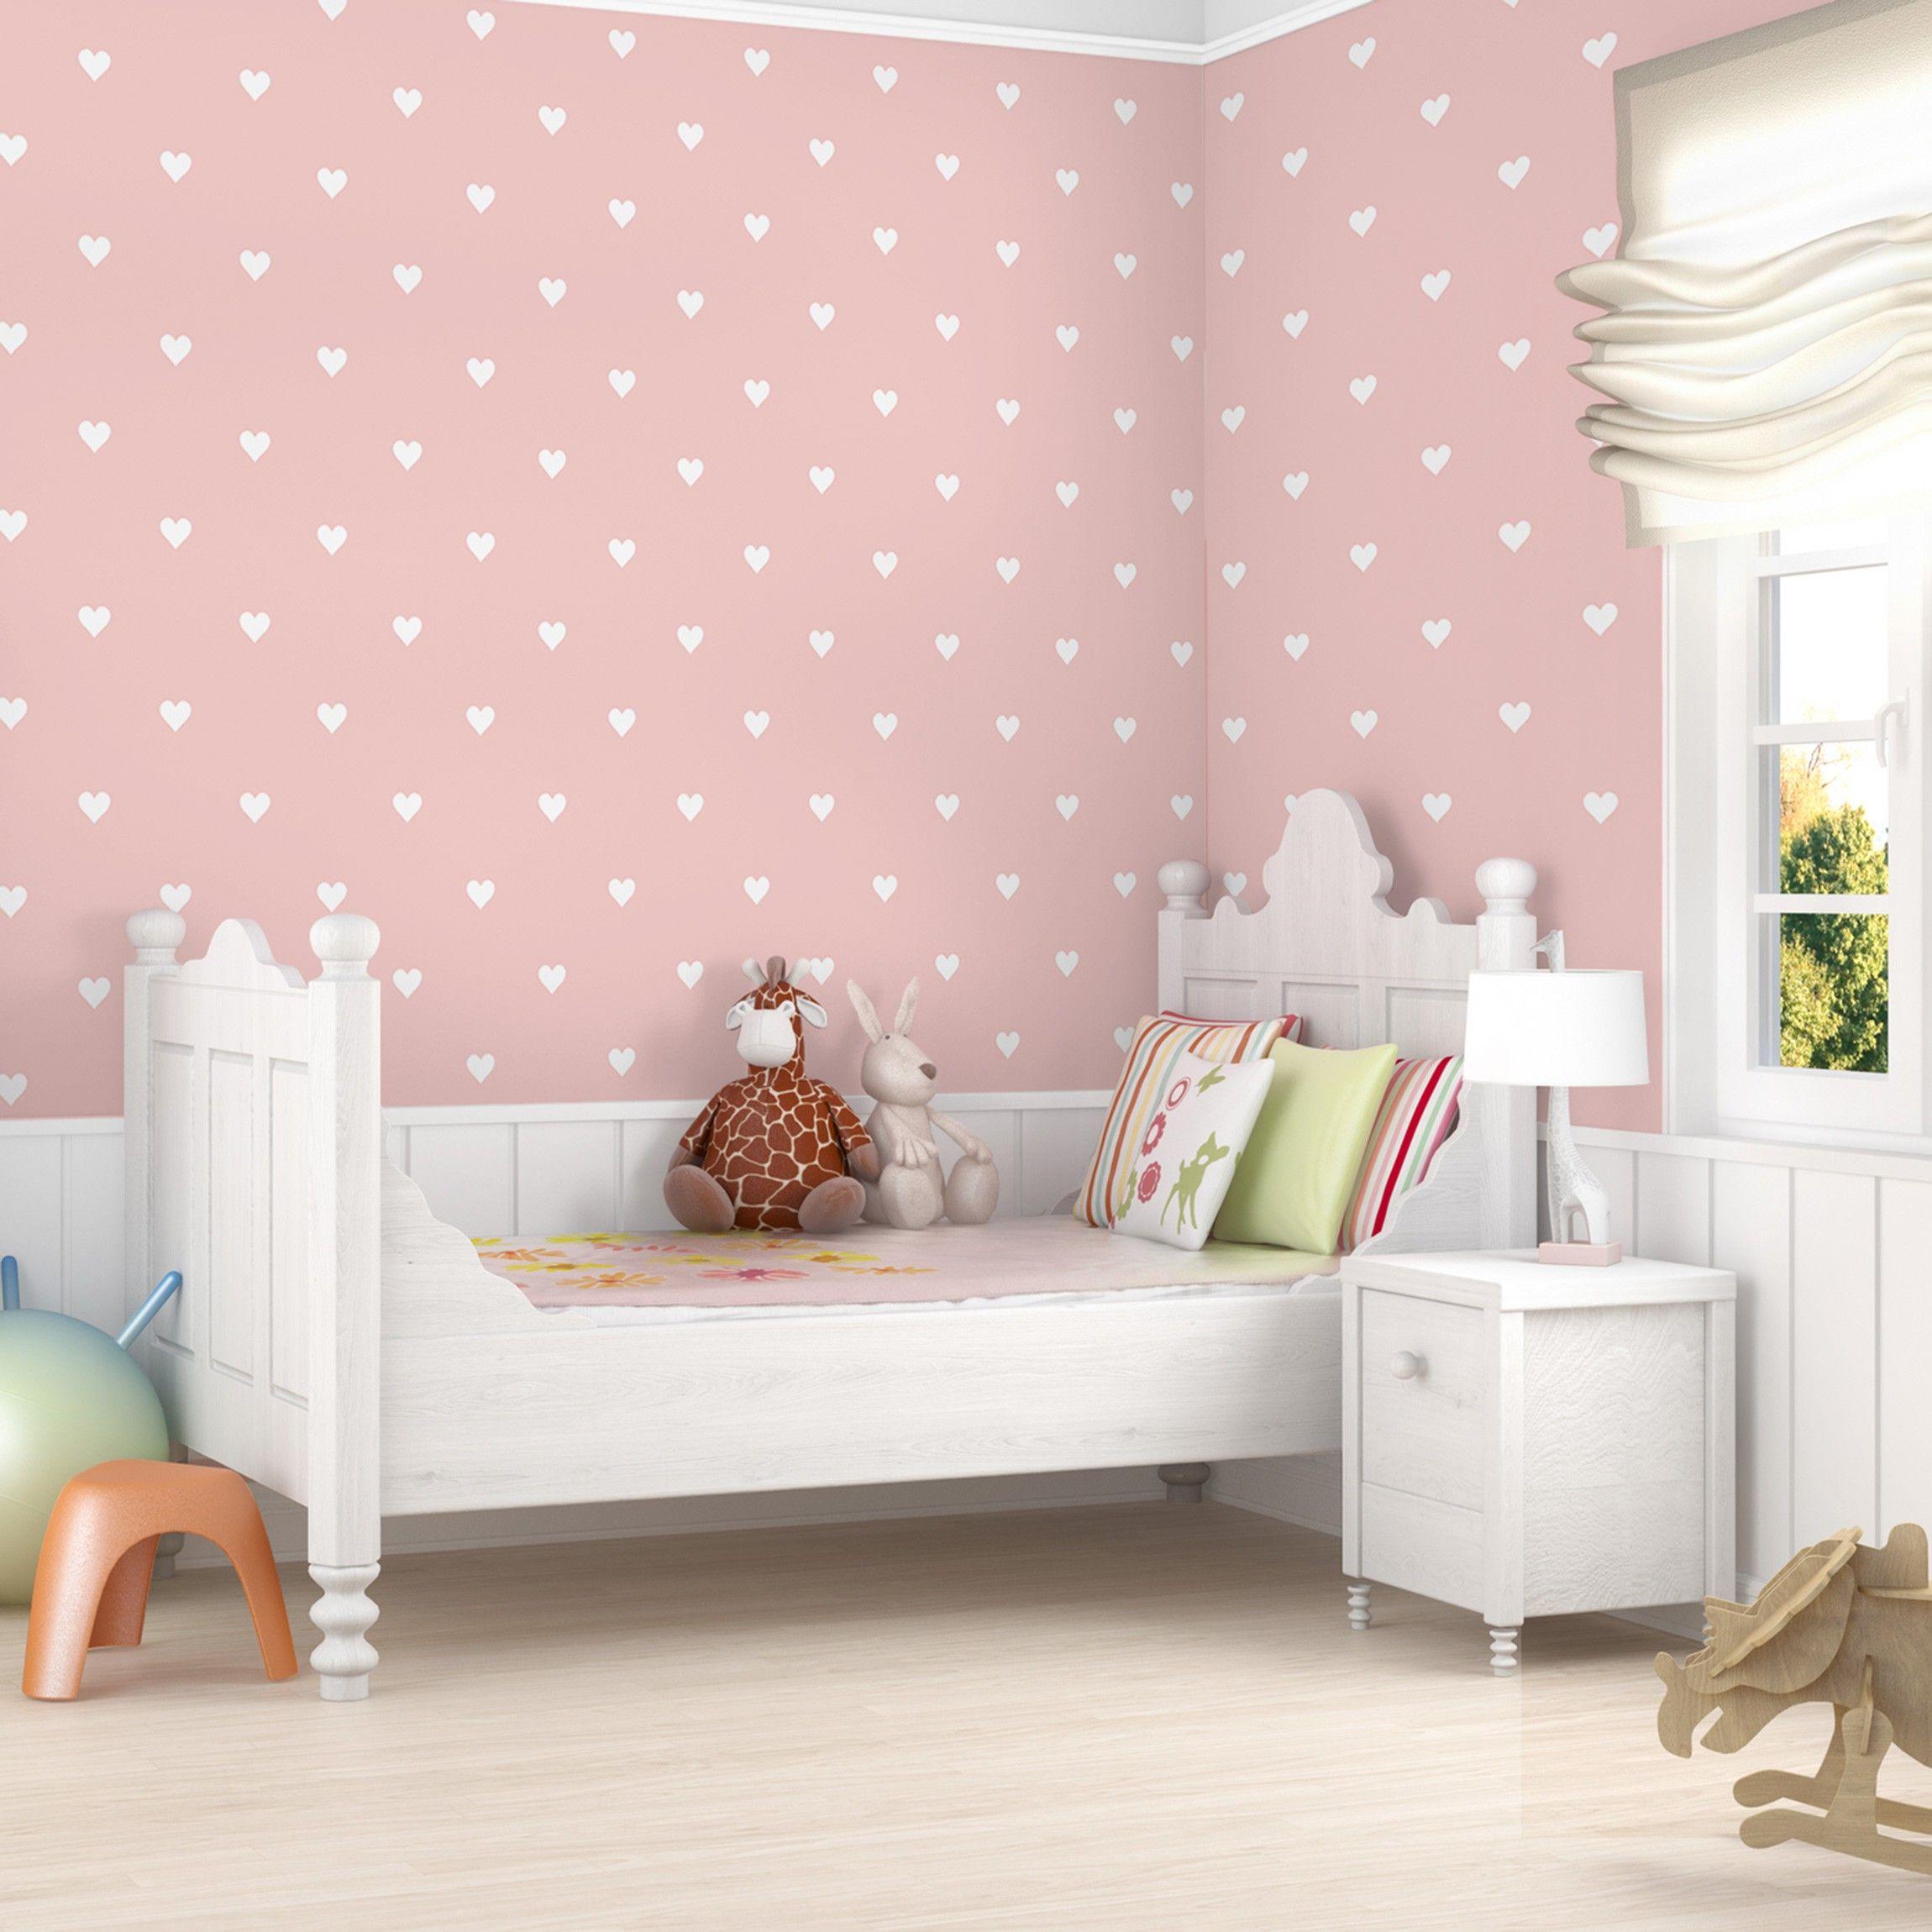 tapeten kinderzimmer. Black Bedroom Furniture Sets. Home Design Ideas